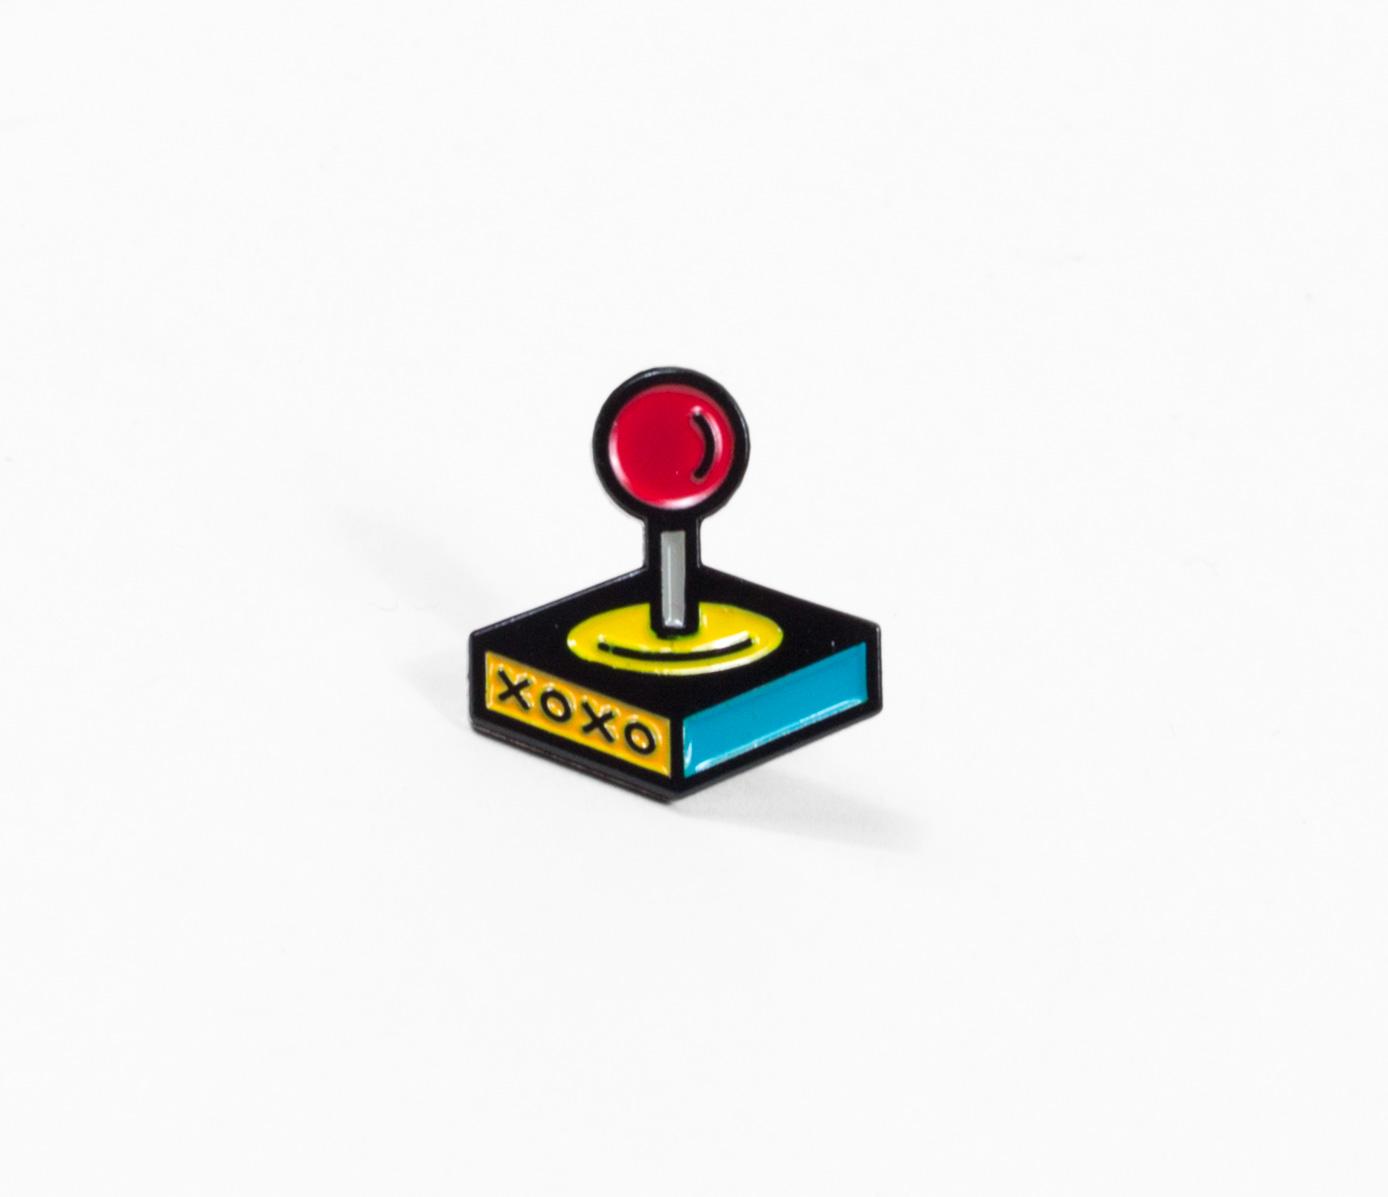 XOXO Joystick